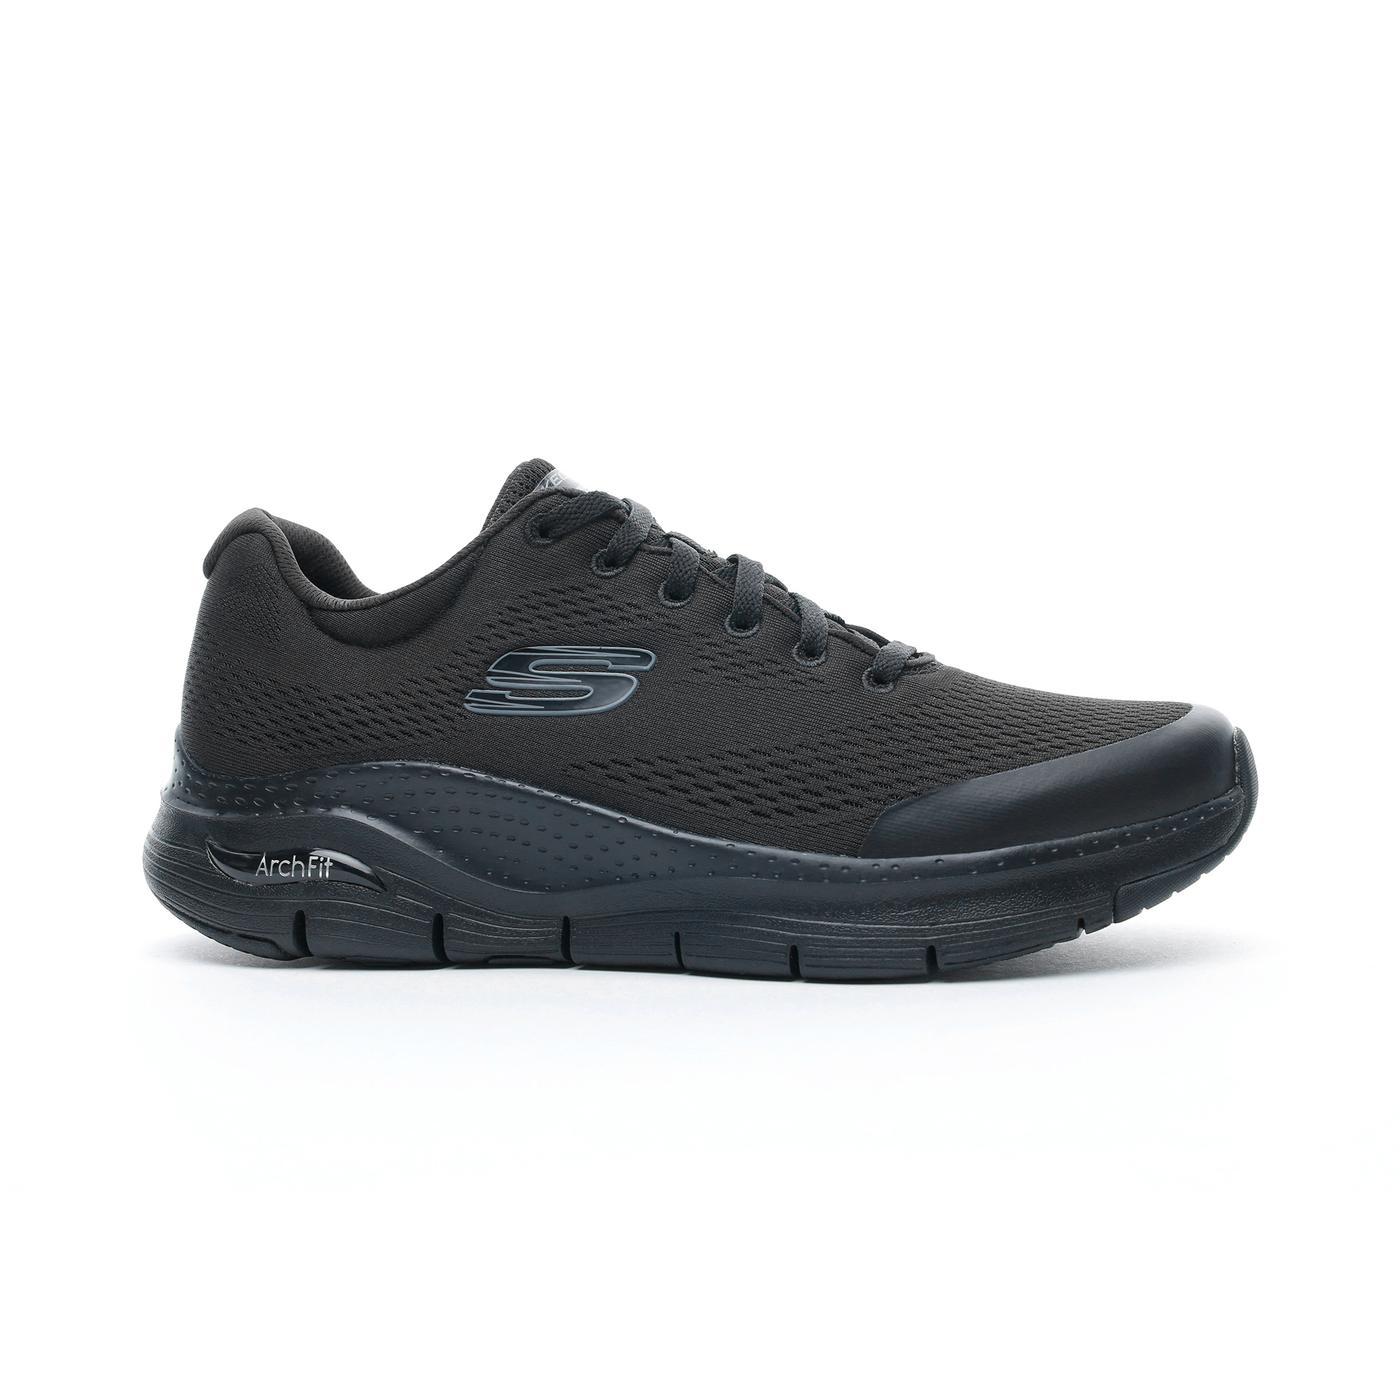 Skechers Arch Fit Erkek Siyah Spor Ayakkabı